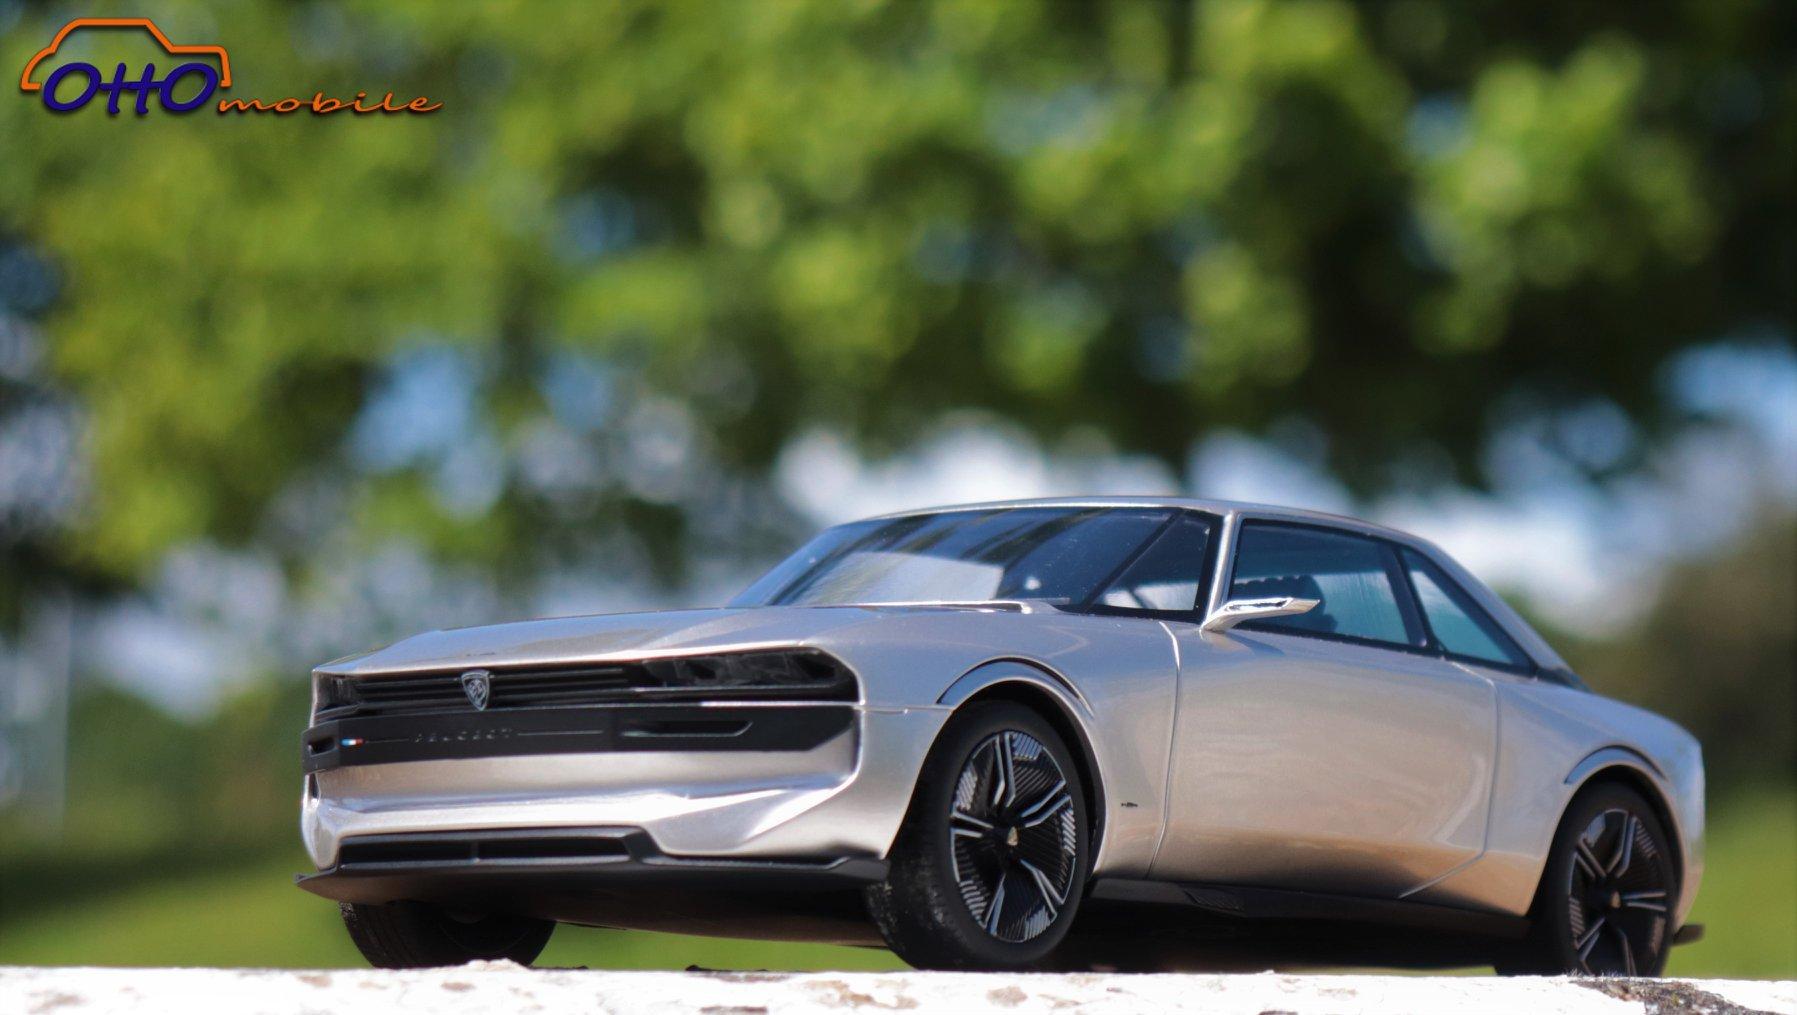 OT323 Peugeot e-Legend concept 1/18